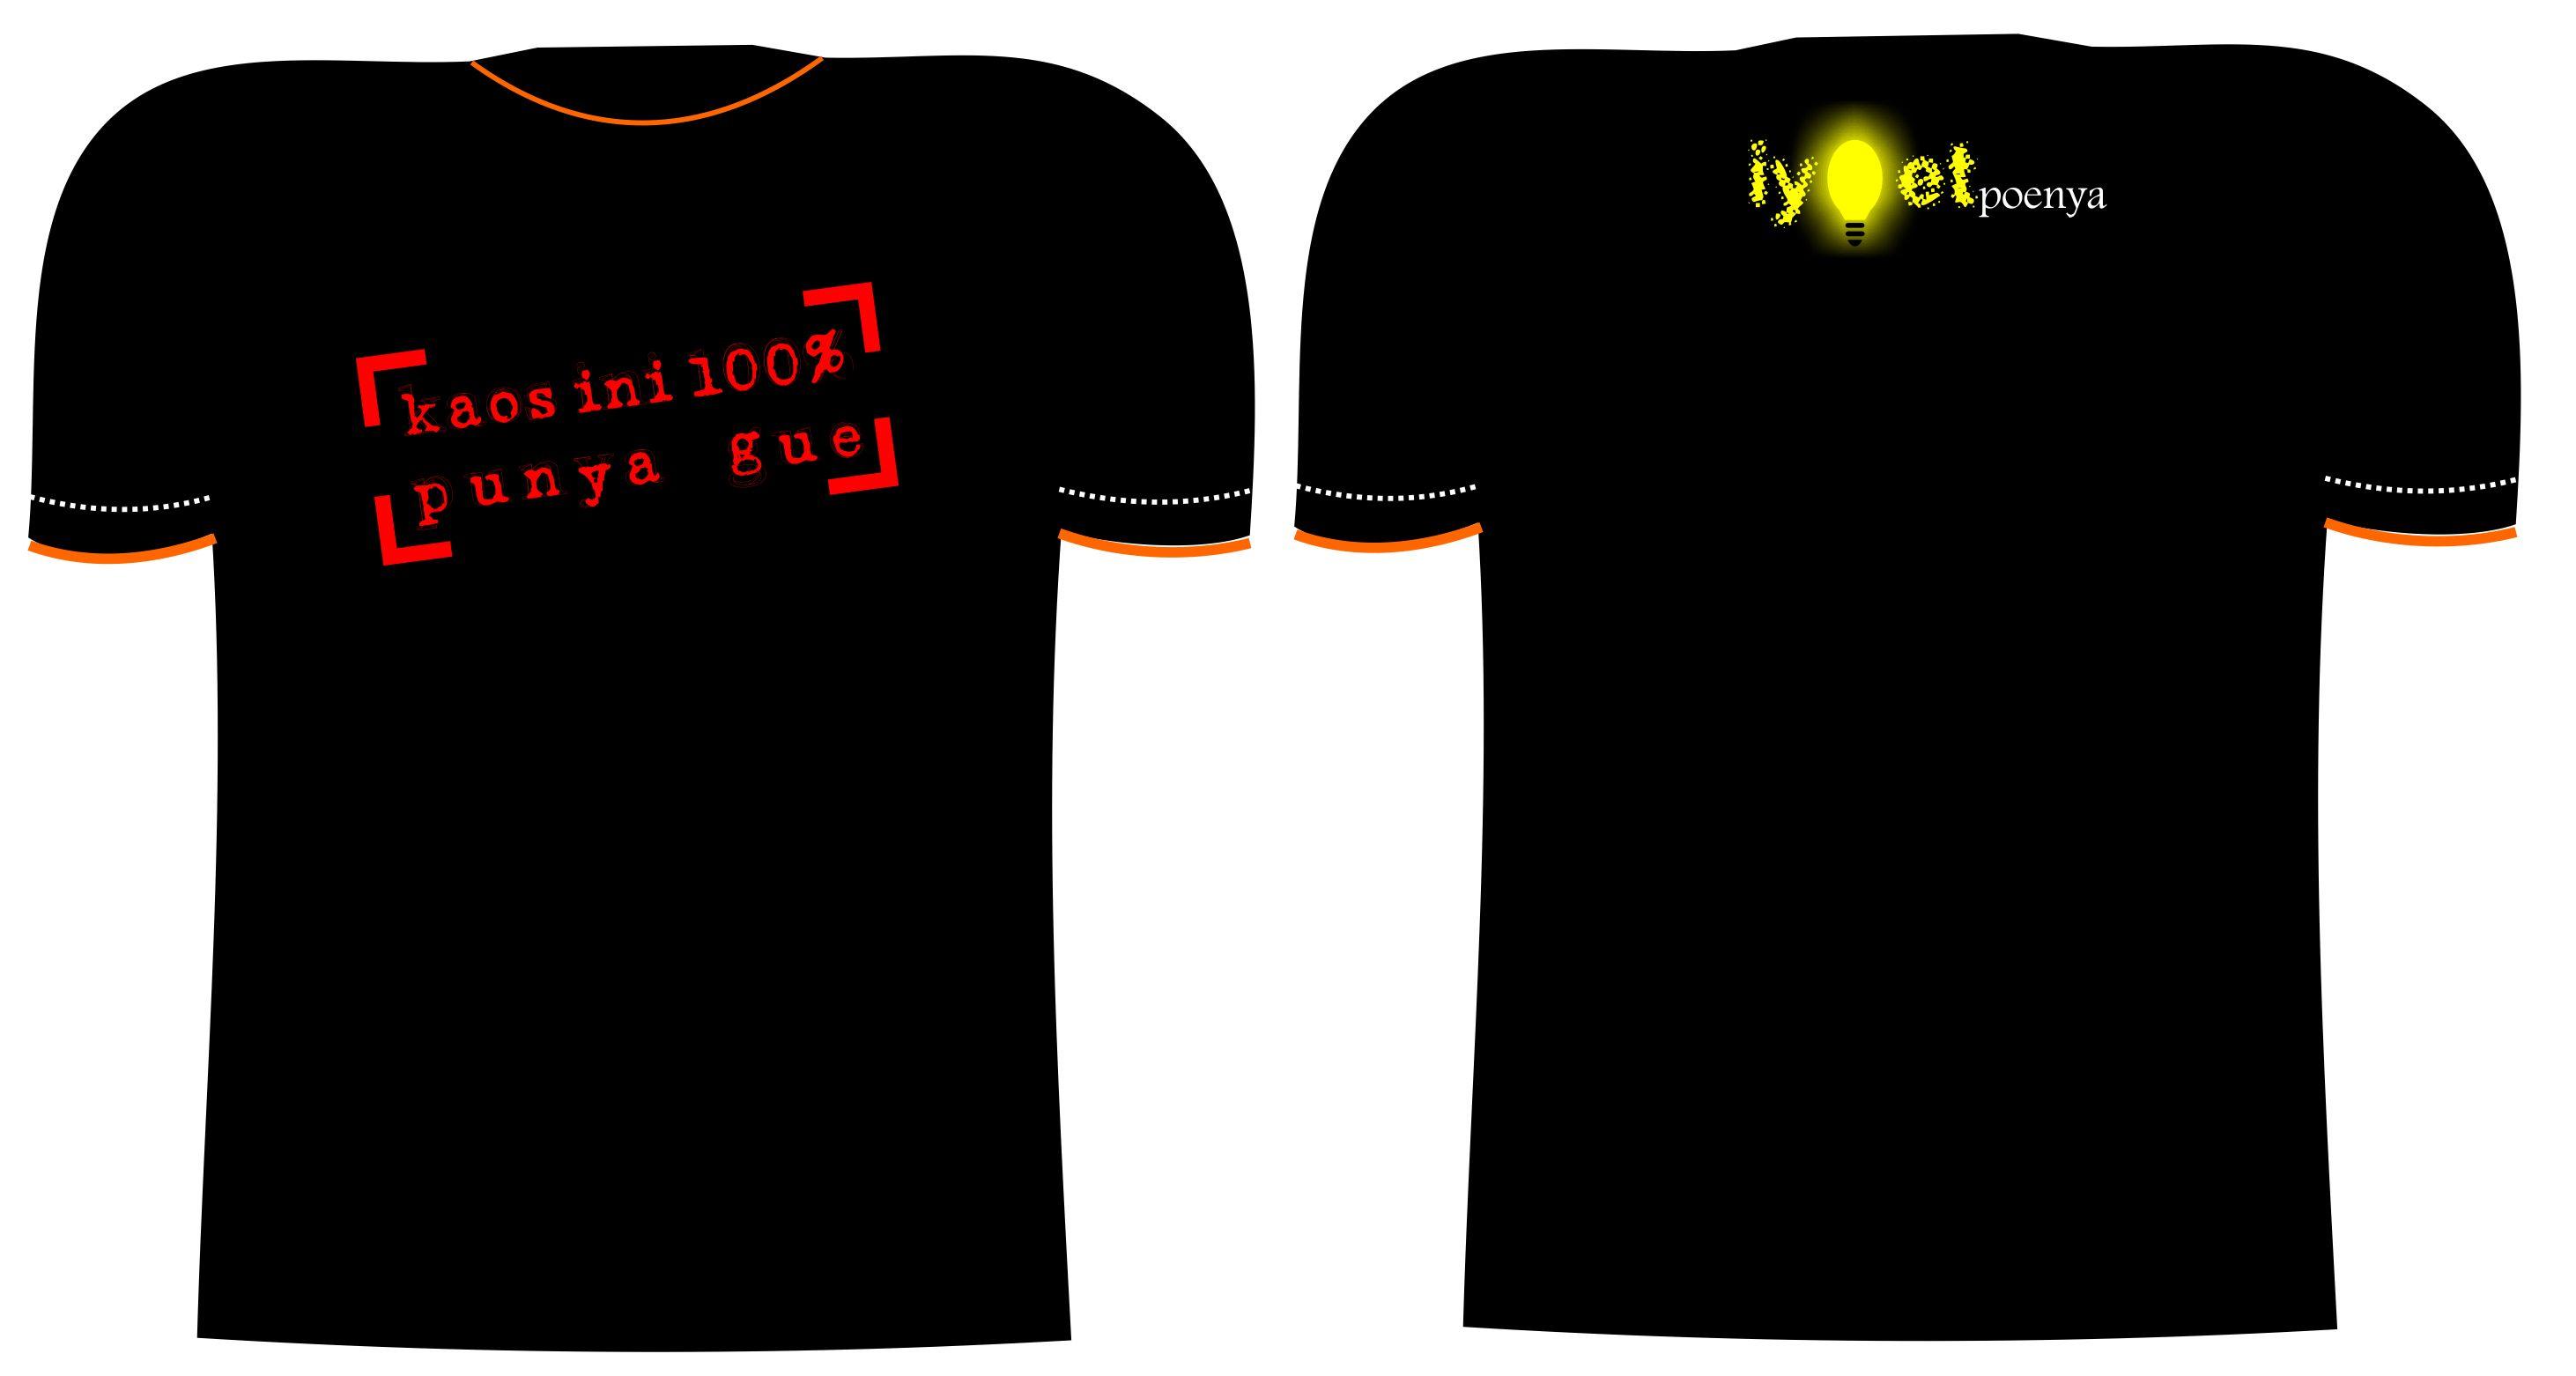 Contoh desain t shirt kelas -  Desainkaos